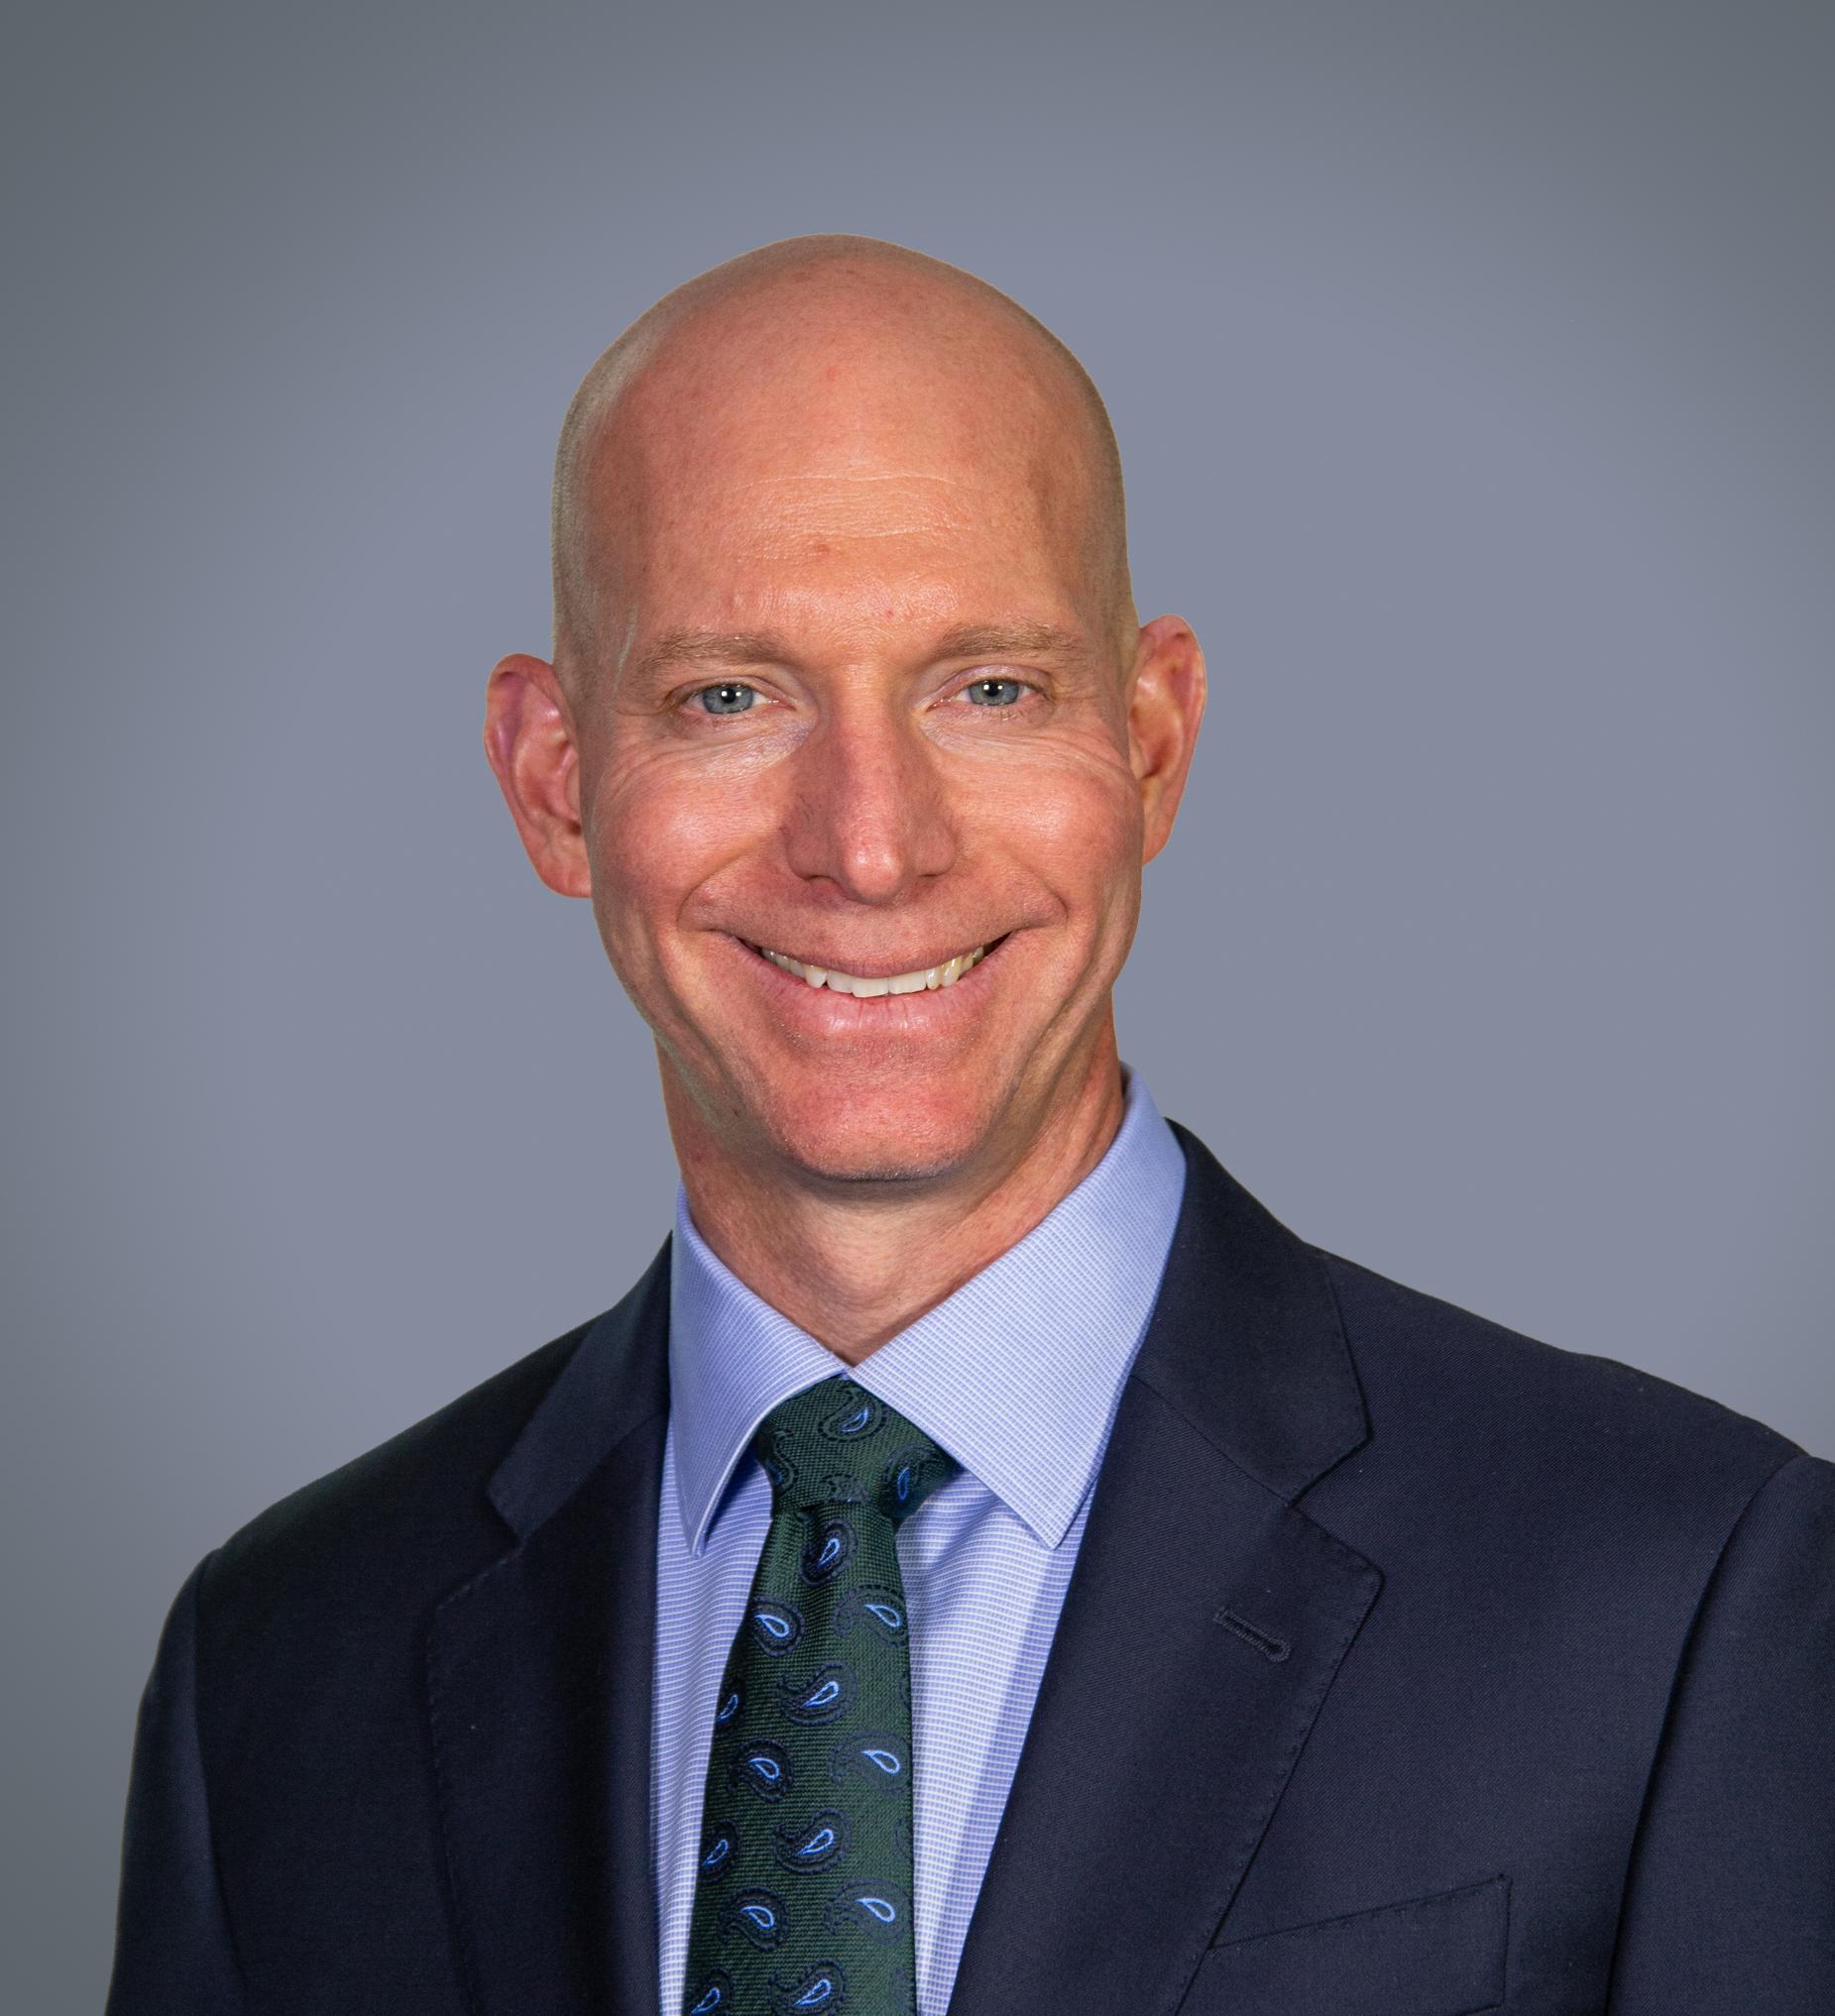 Matt Tait, ManTech Chief Operating Officer